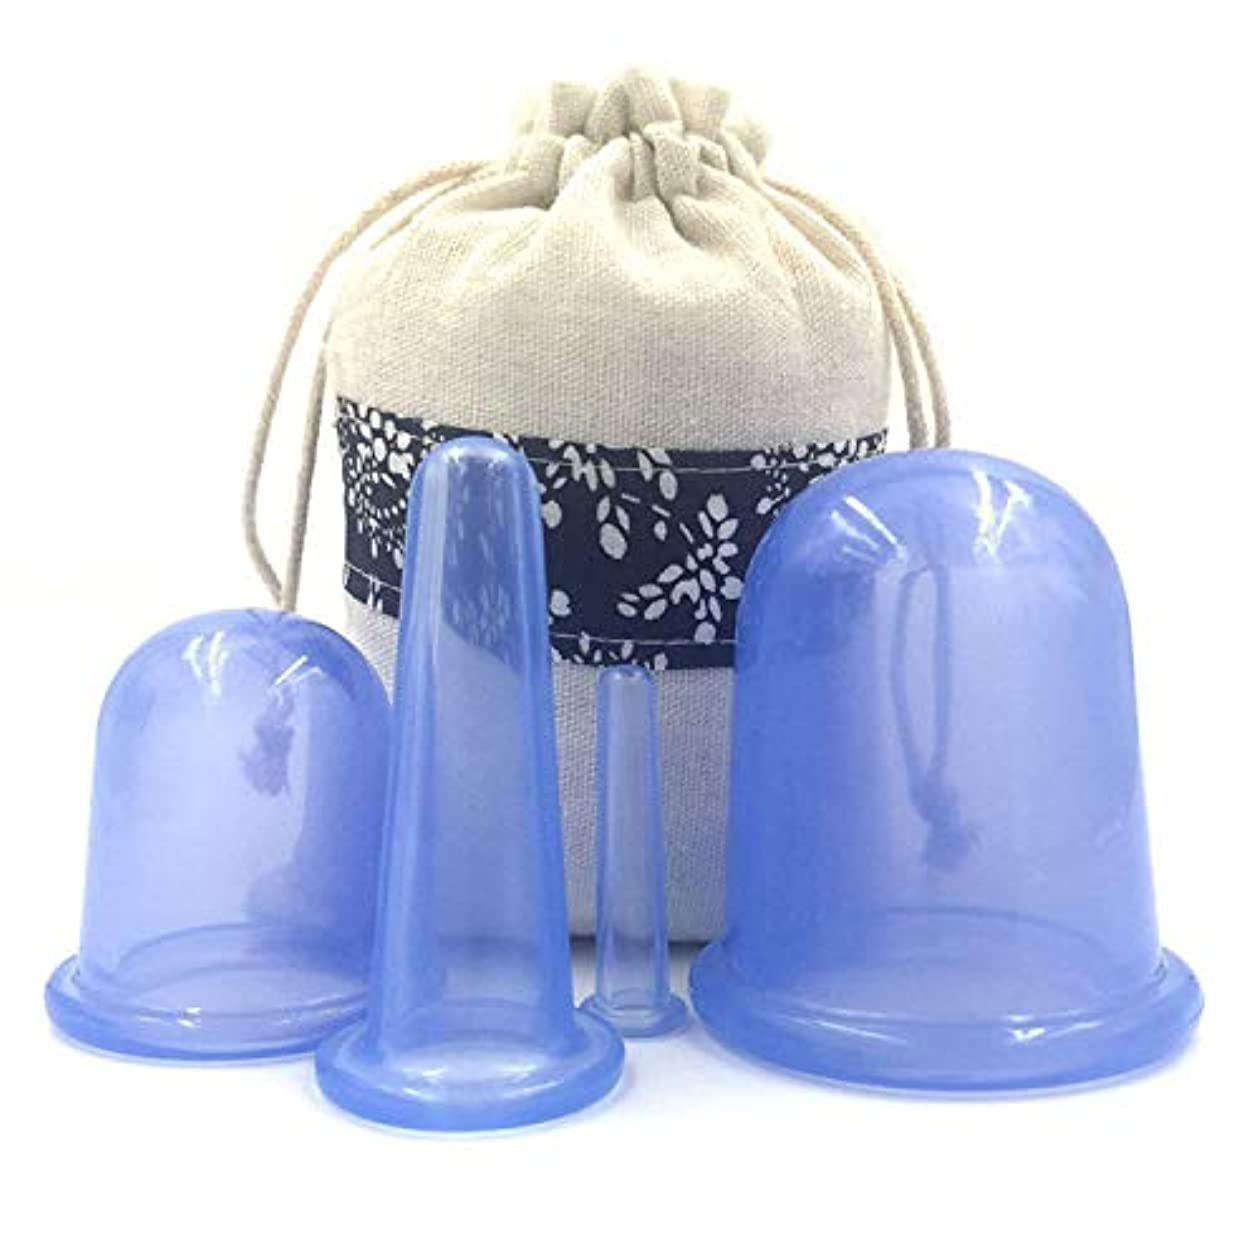 セルライトカッピング療法シリコーンカッピングセット家庭用水分カッピングカッピングマッサージカップ